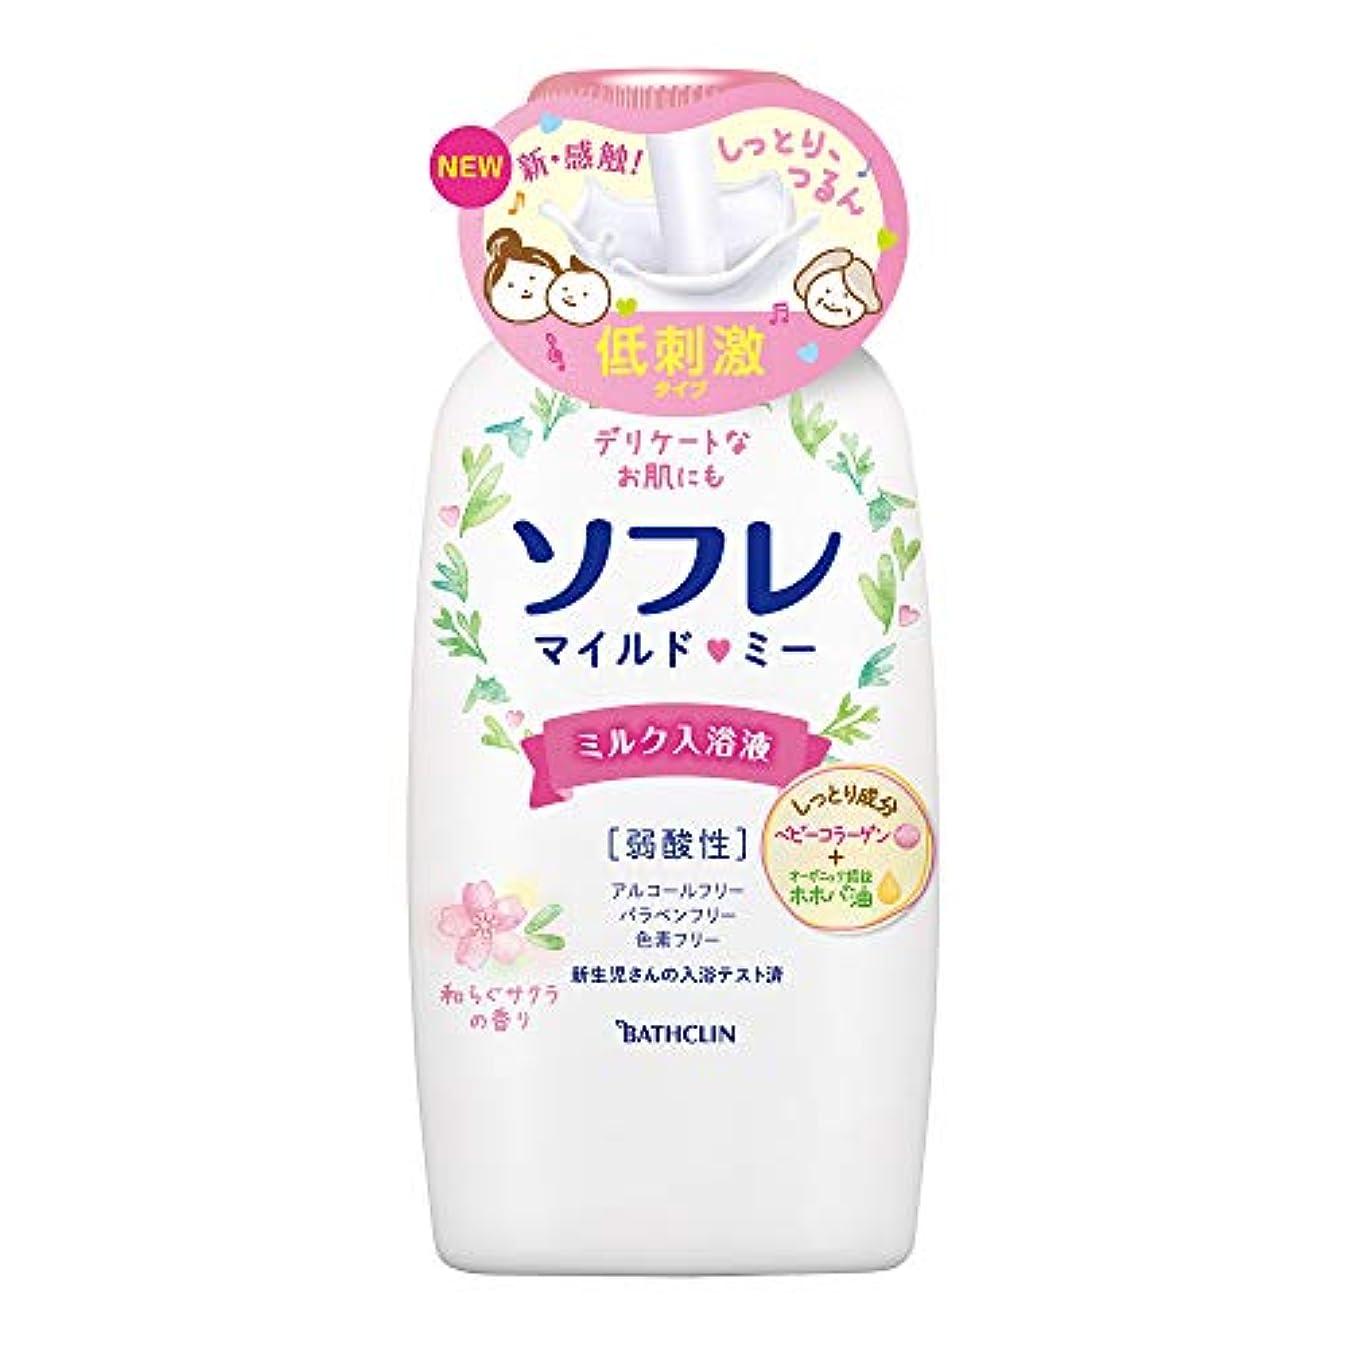 不和永久に徹底バスクリン ソフレ入浴液 マイルド?ミー ミルク 和らぐサクラの香り 本体720mL保湿 成分配合 赤ちゃんと一緒に使えます。